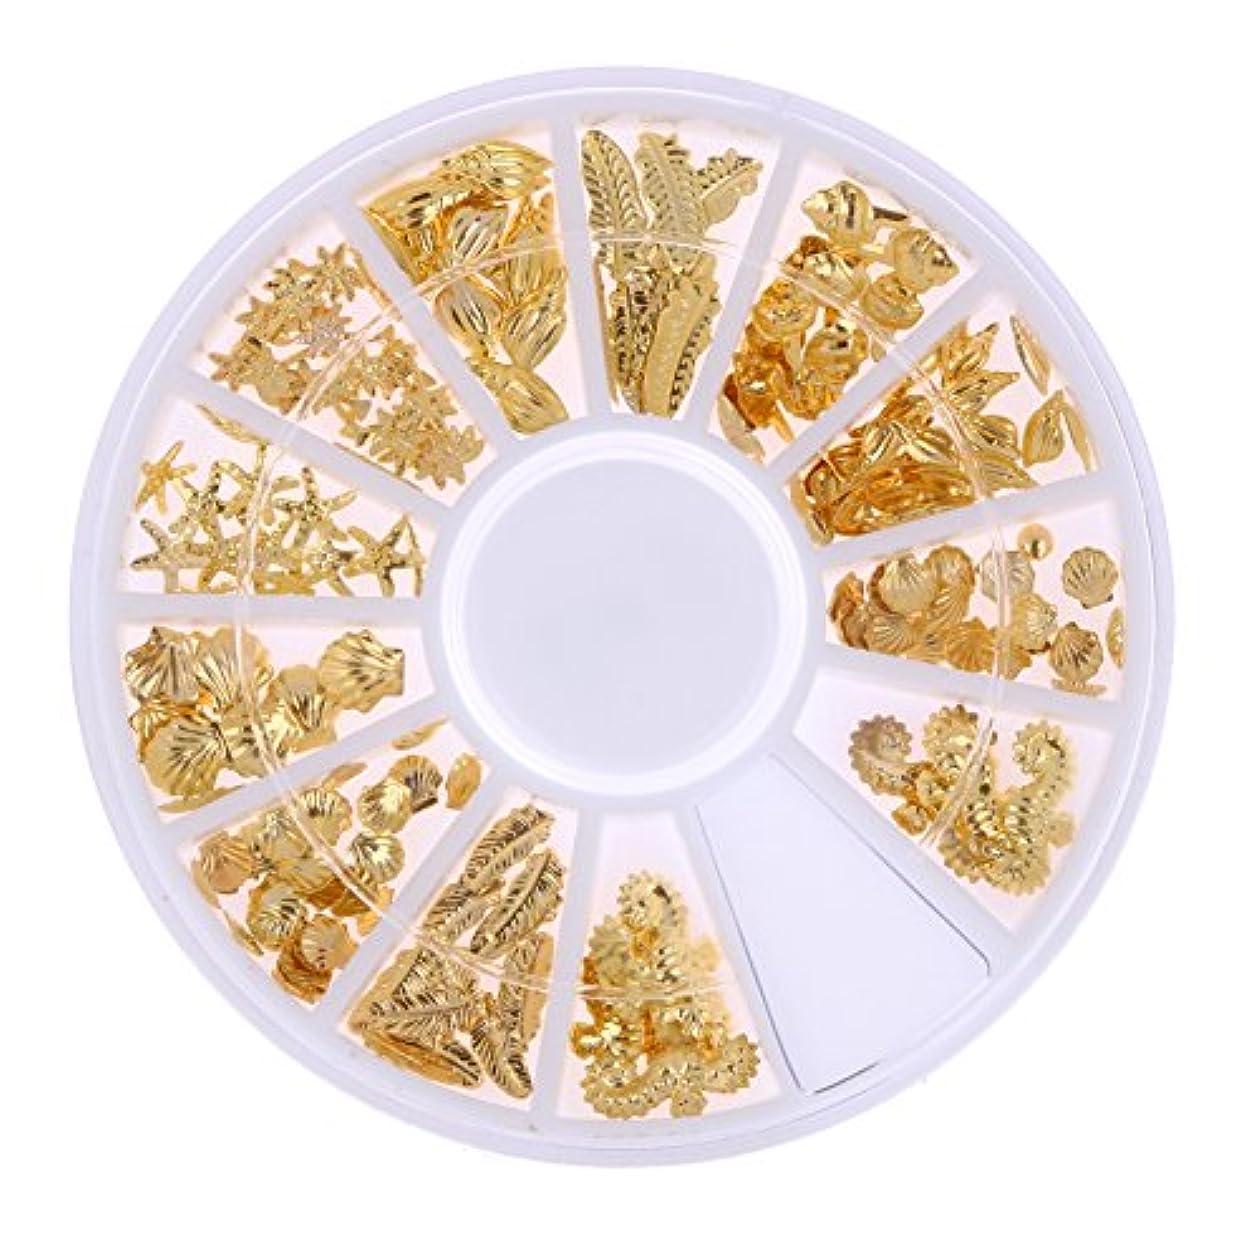 豆腐作り上げるフォークDemiawaking ネイルパーツ メタル ネイルアート ゴールド 海テーマ(貝殻/海馬/海星) 12種類 DIY ネイルデコレーション ラウンドケース入 1個